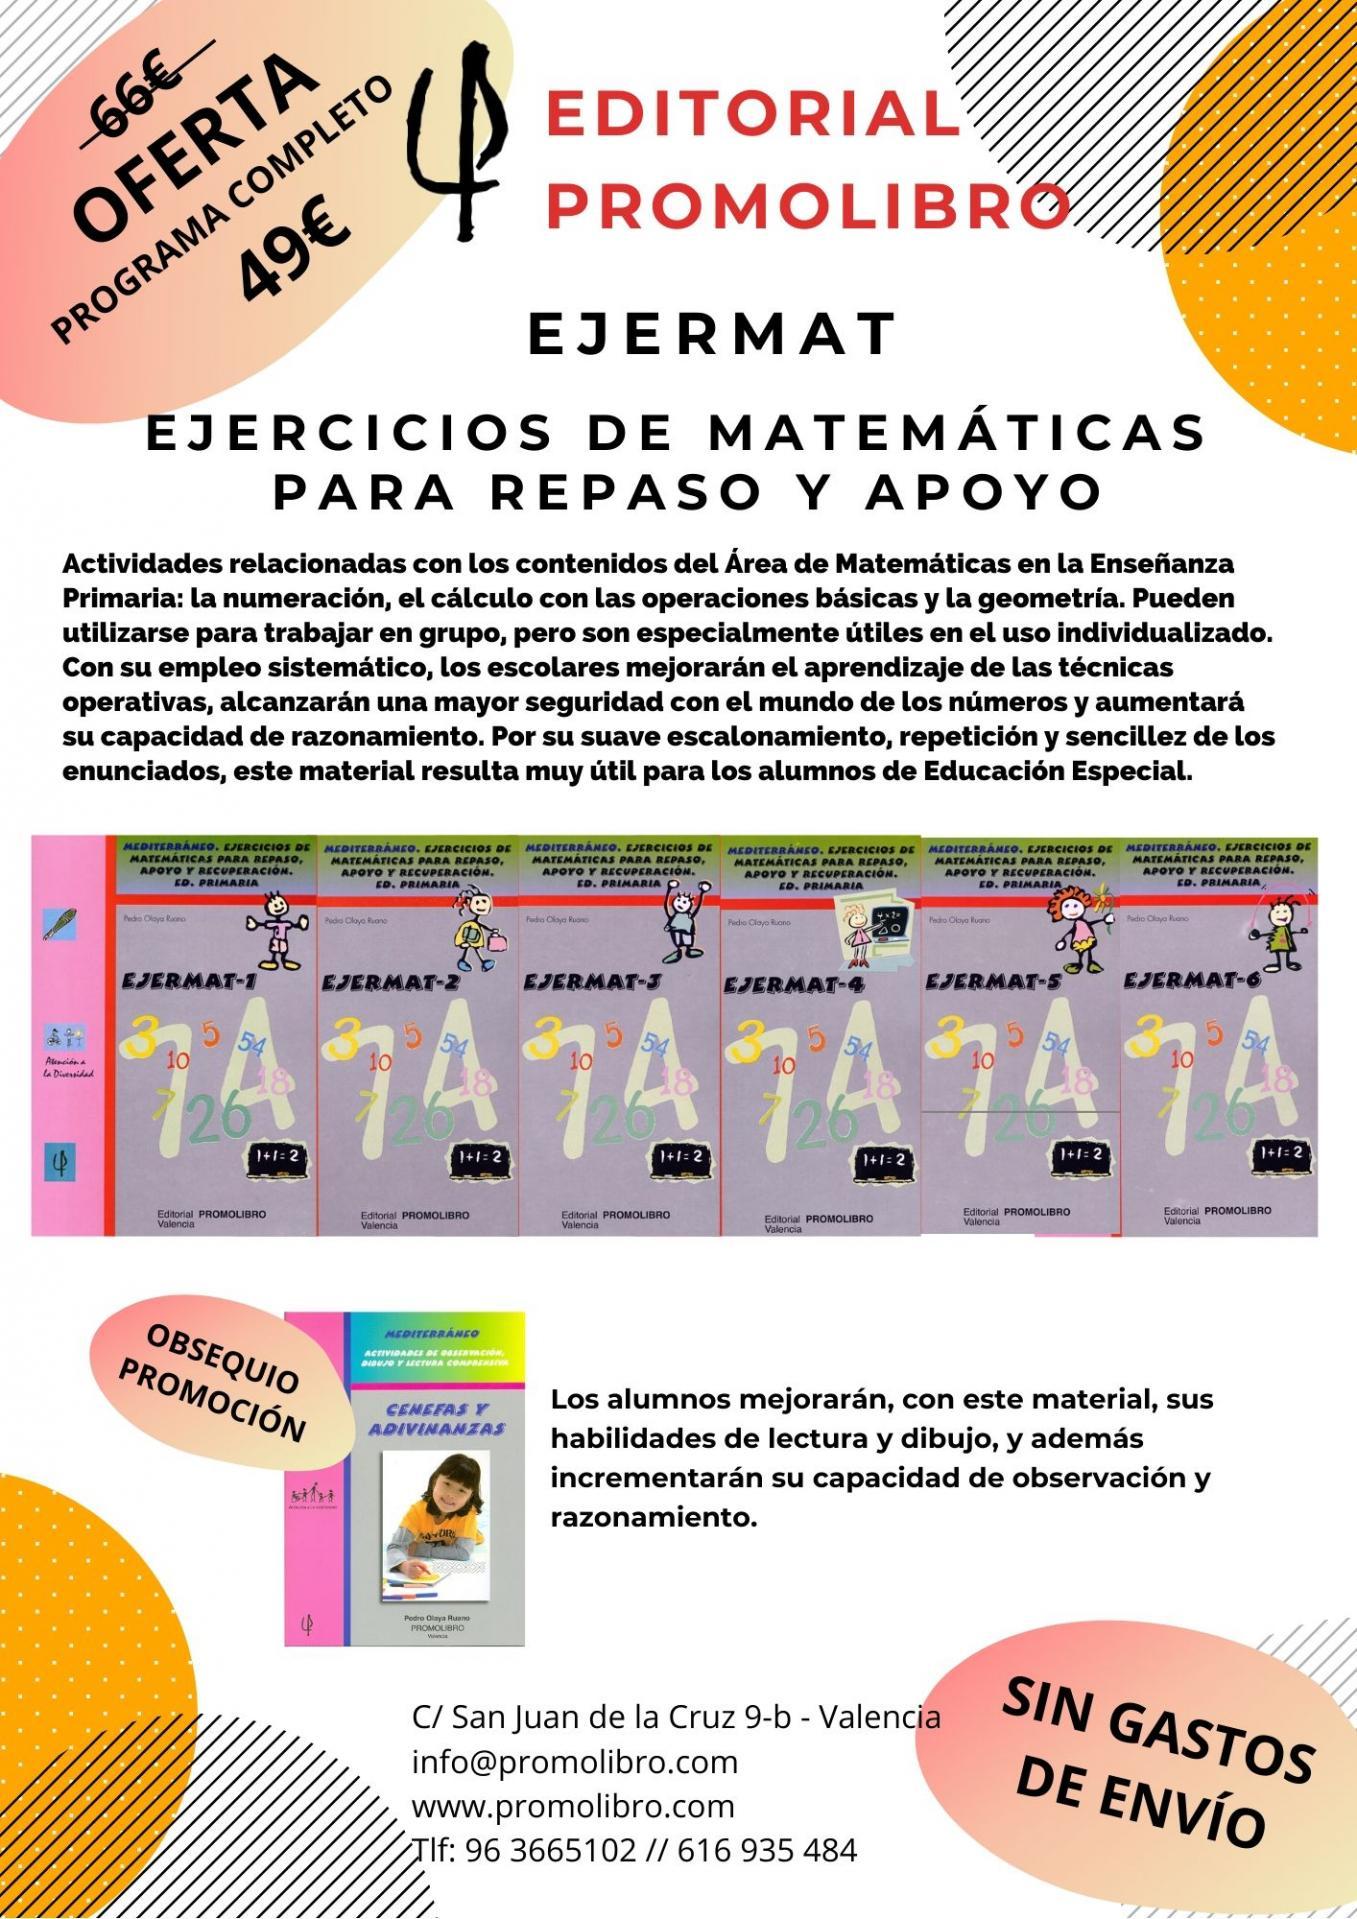 OFERTA. EJERCICIOS DE MATEMÁTICAS PARA REPASO Y APOYO. EJERMAT. PROGRAMA COMPLETO